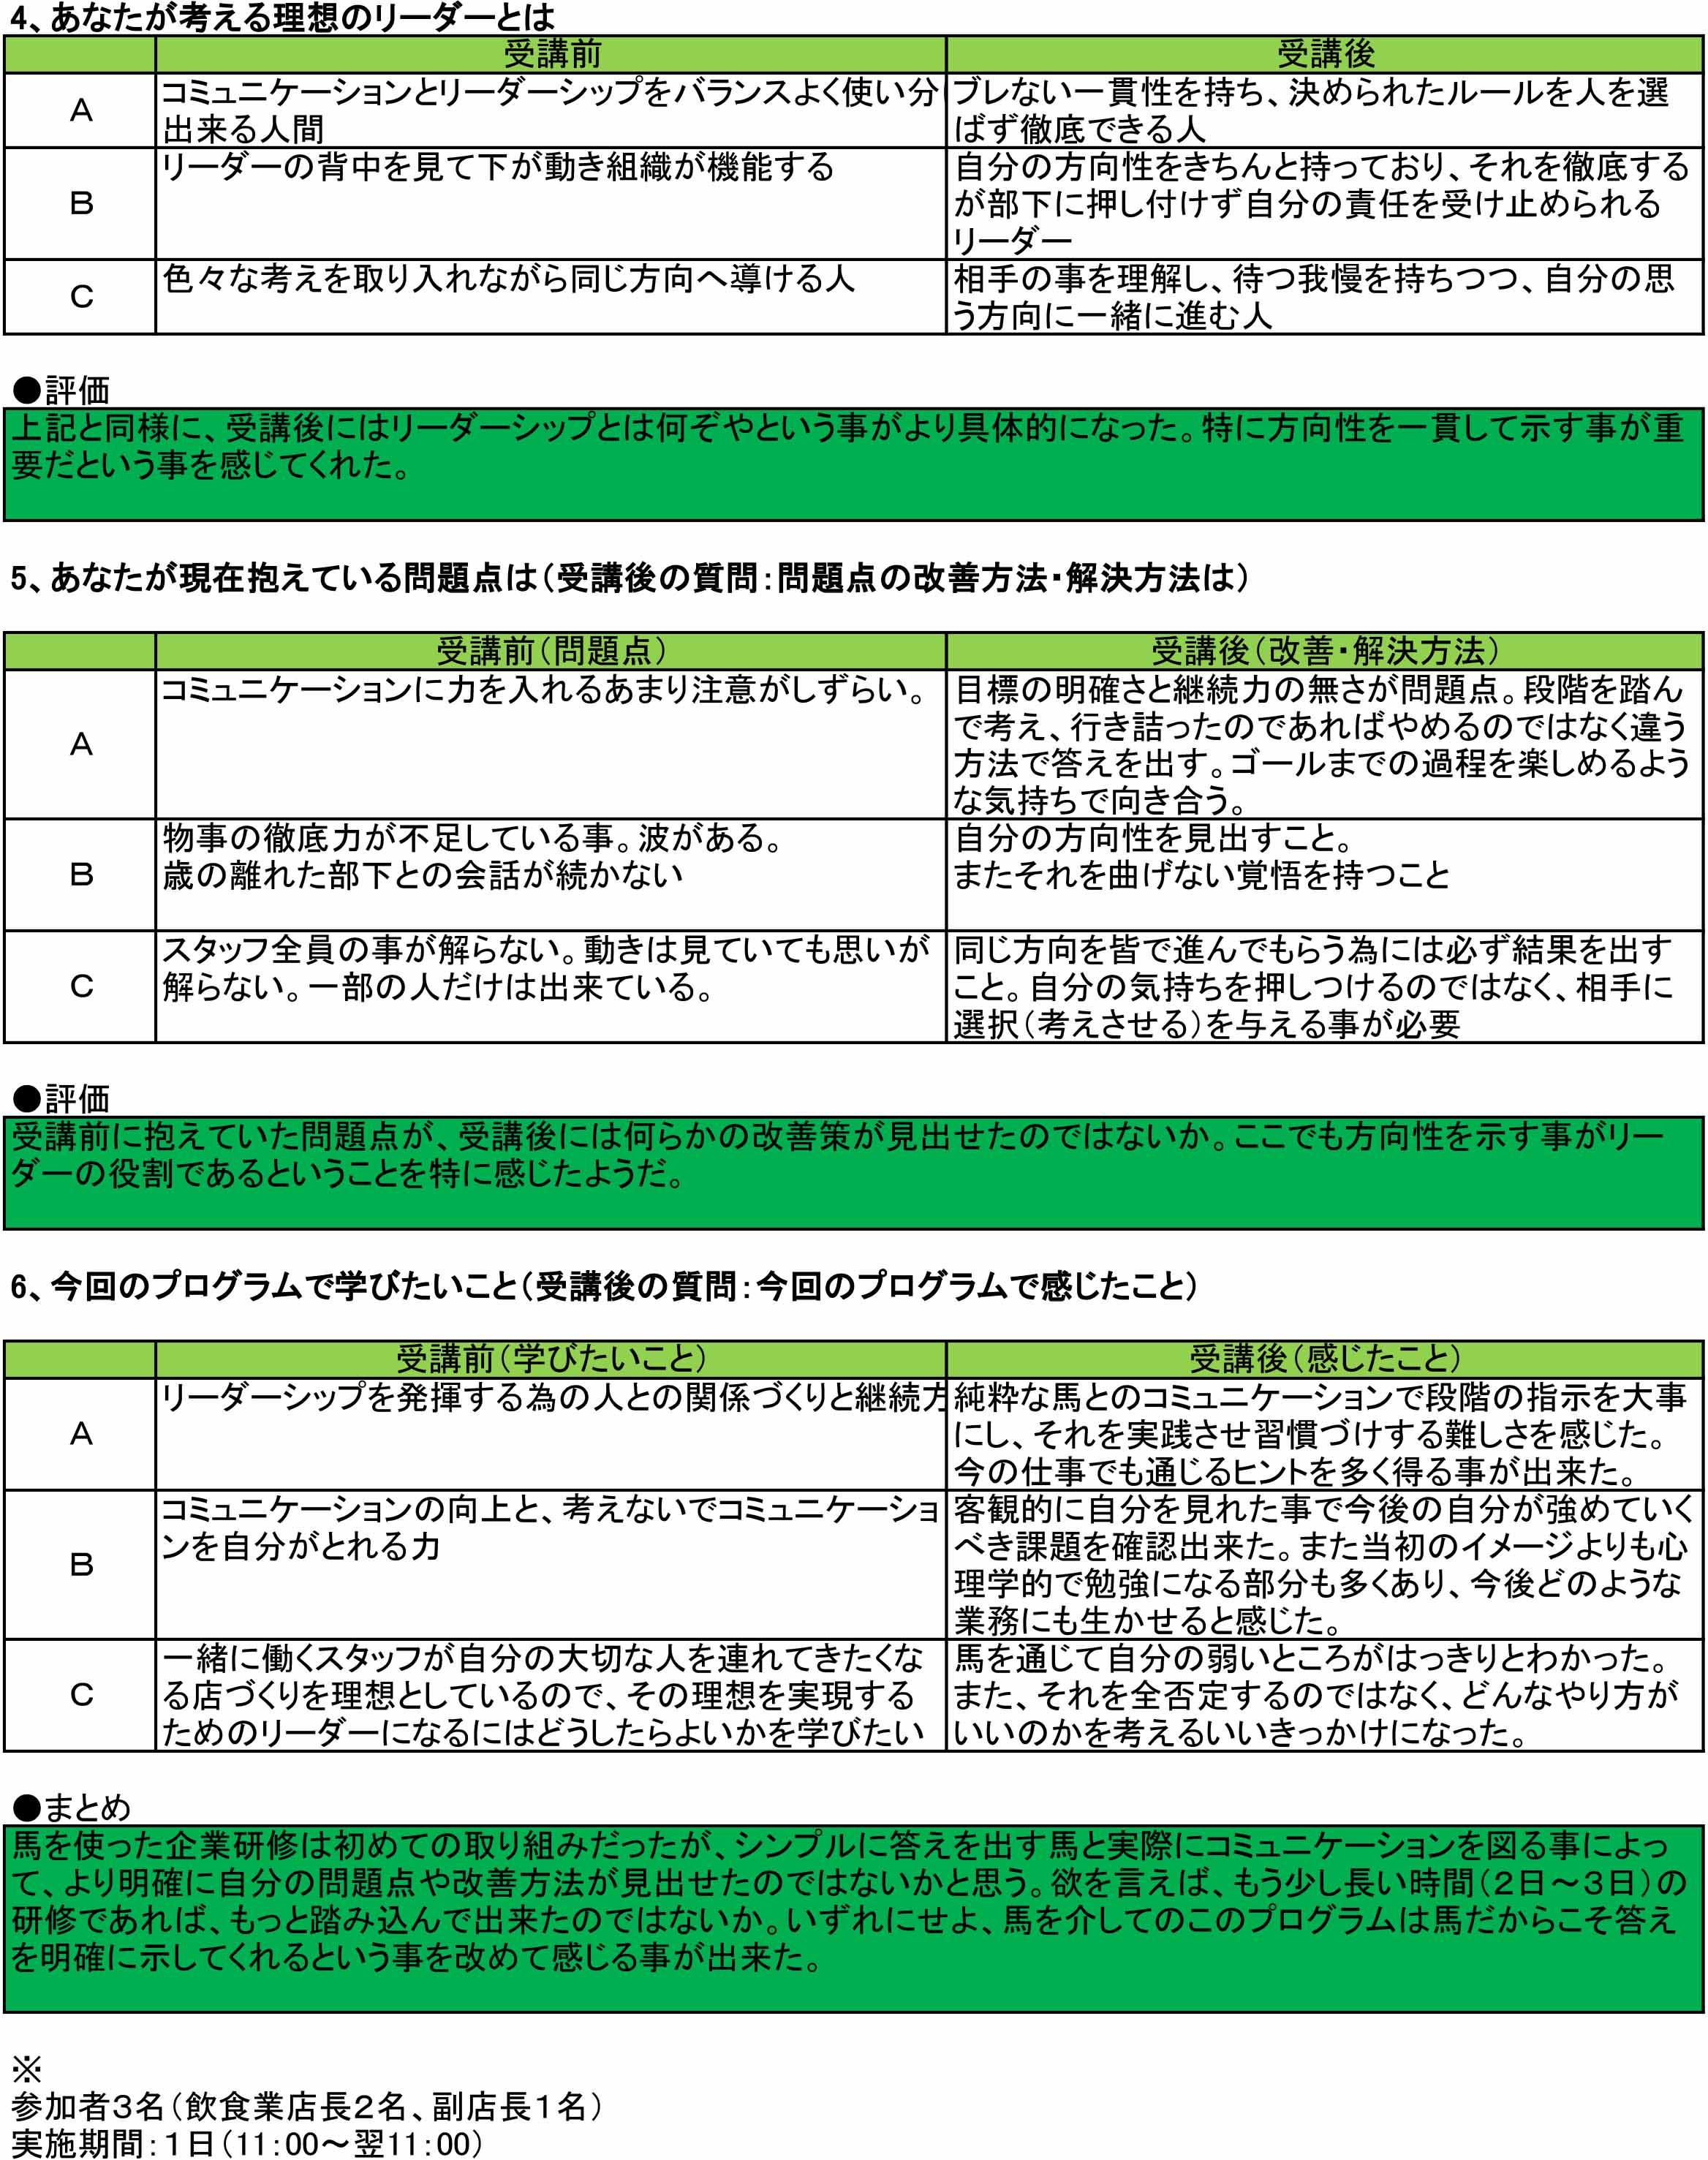 コミュニケーション&リーダーシッププログラム調査票結果(外部用)-2